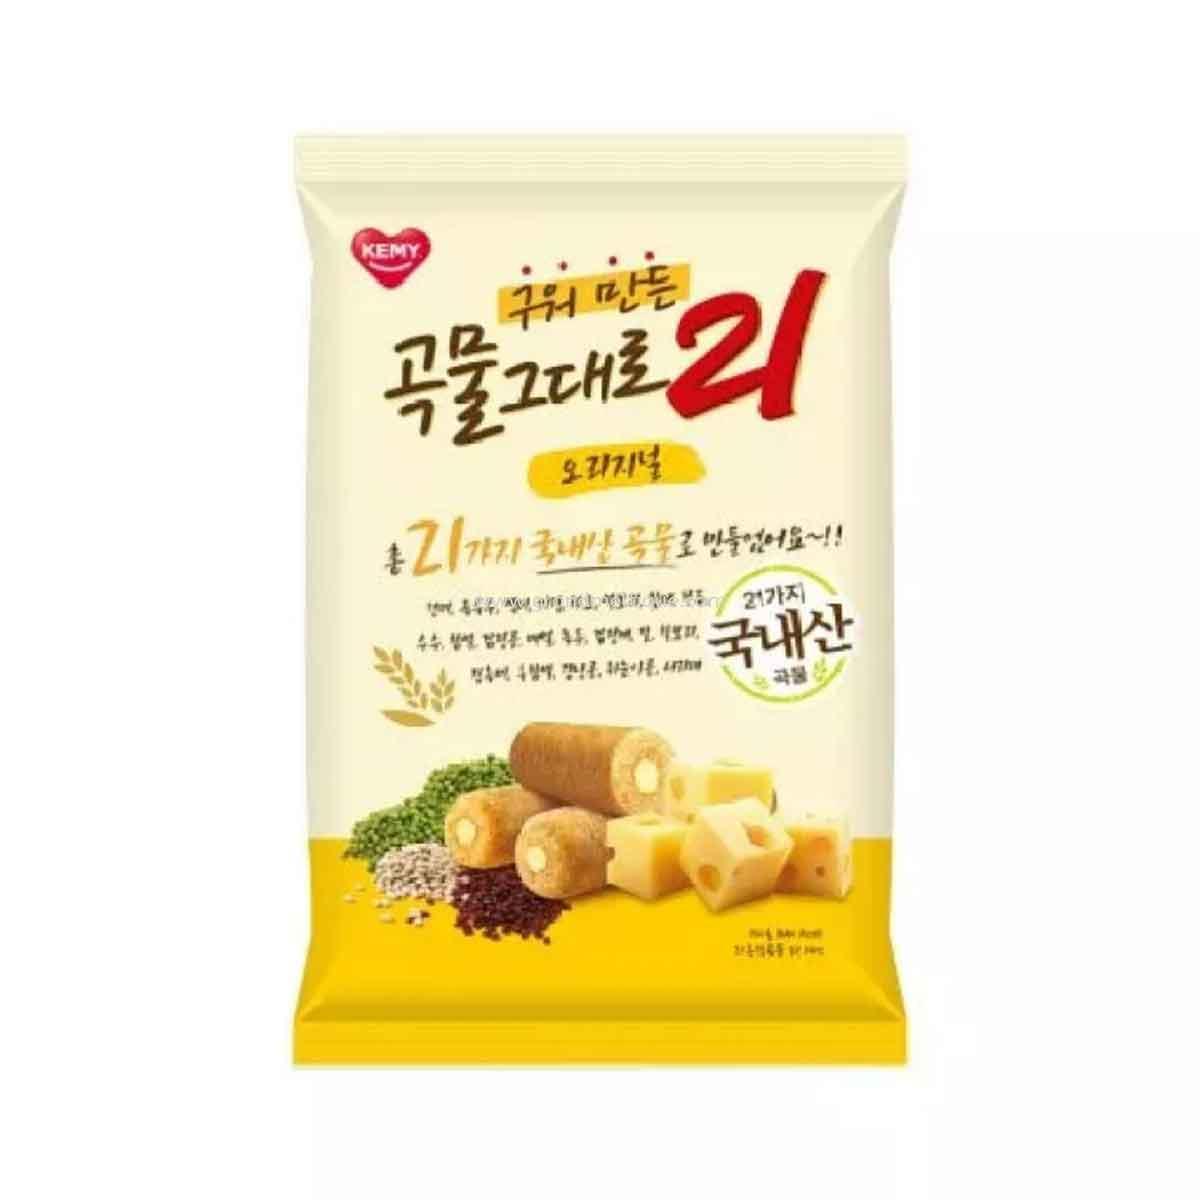 捲餅-起司味 150g 點心 韓國製造進口